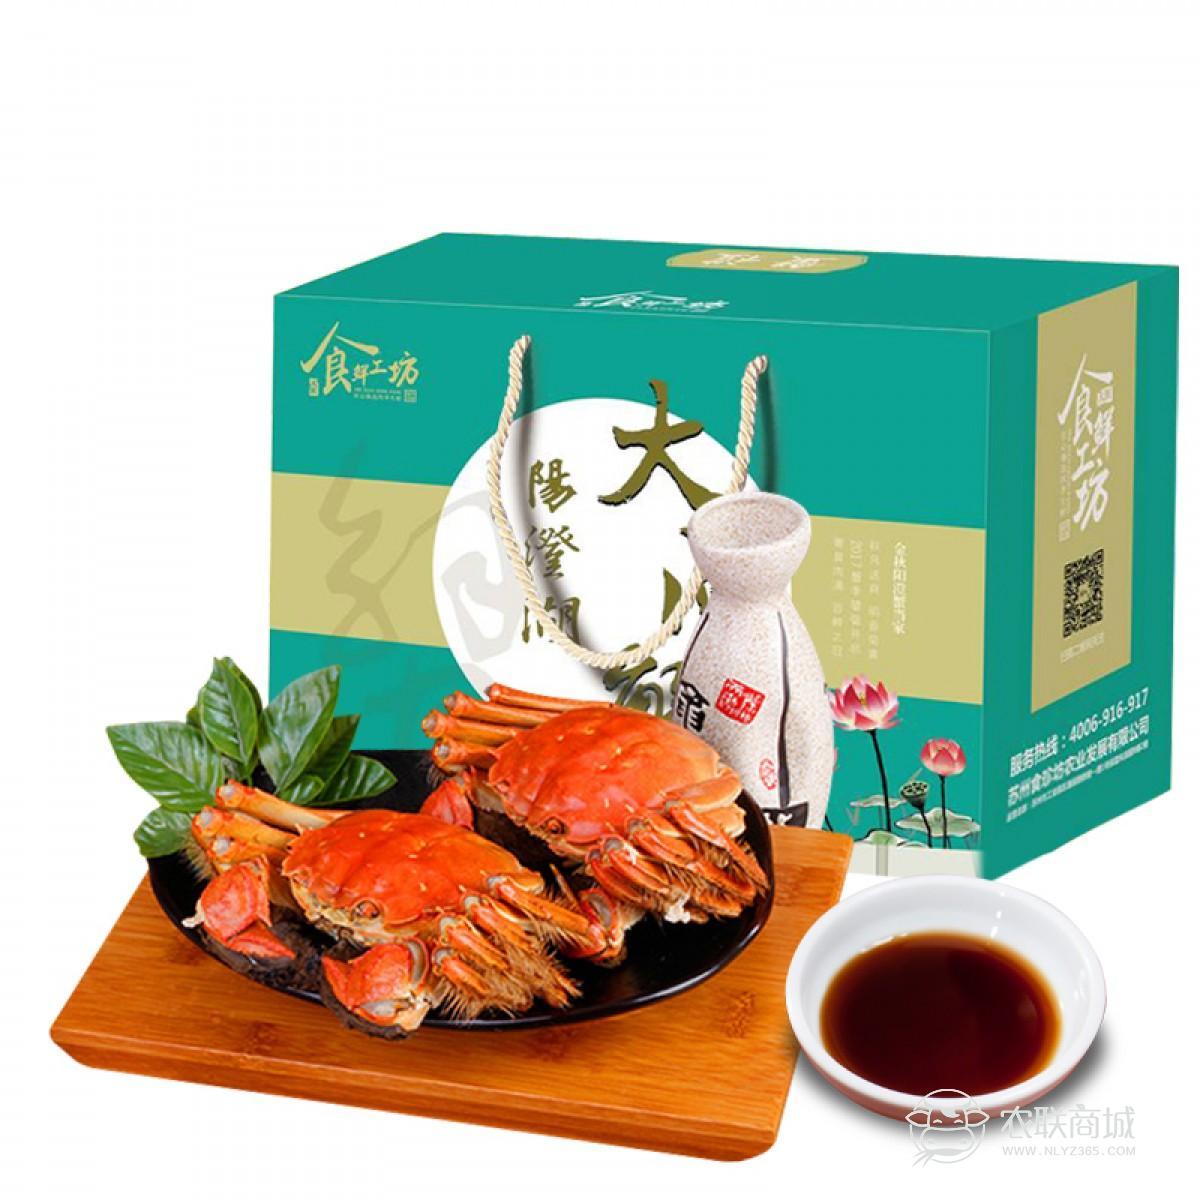 阳澄湖大闸蟹698型提货券 公蟹3.5两/只 母蟹2.8两/只 4对8只螃蟹礼盒提货卡 海鲜水产